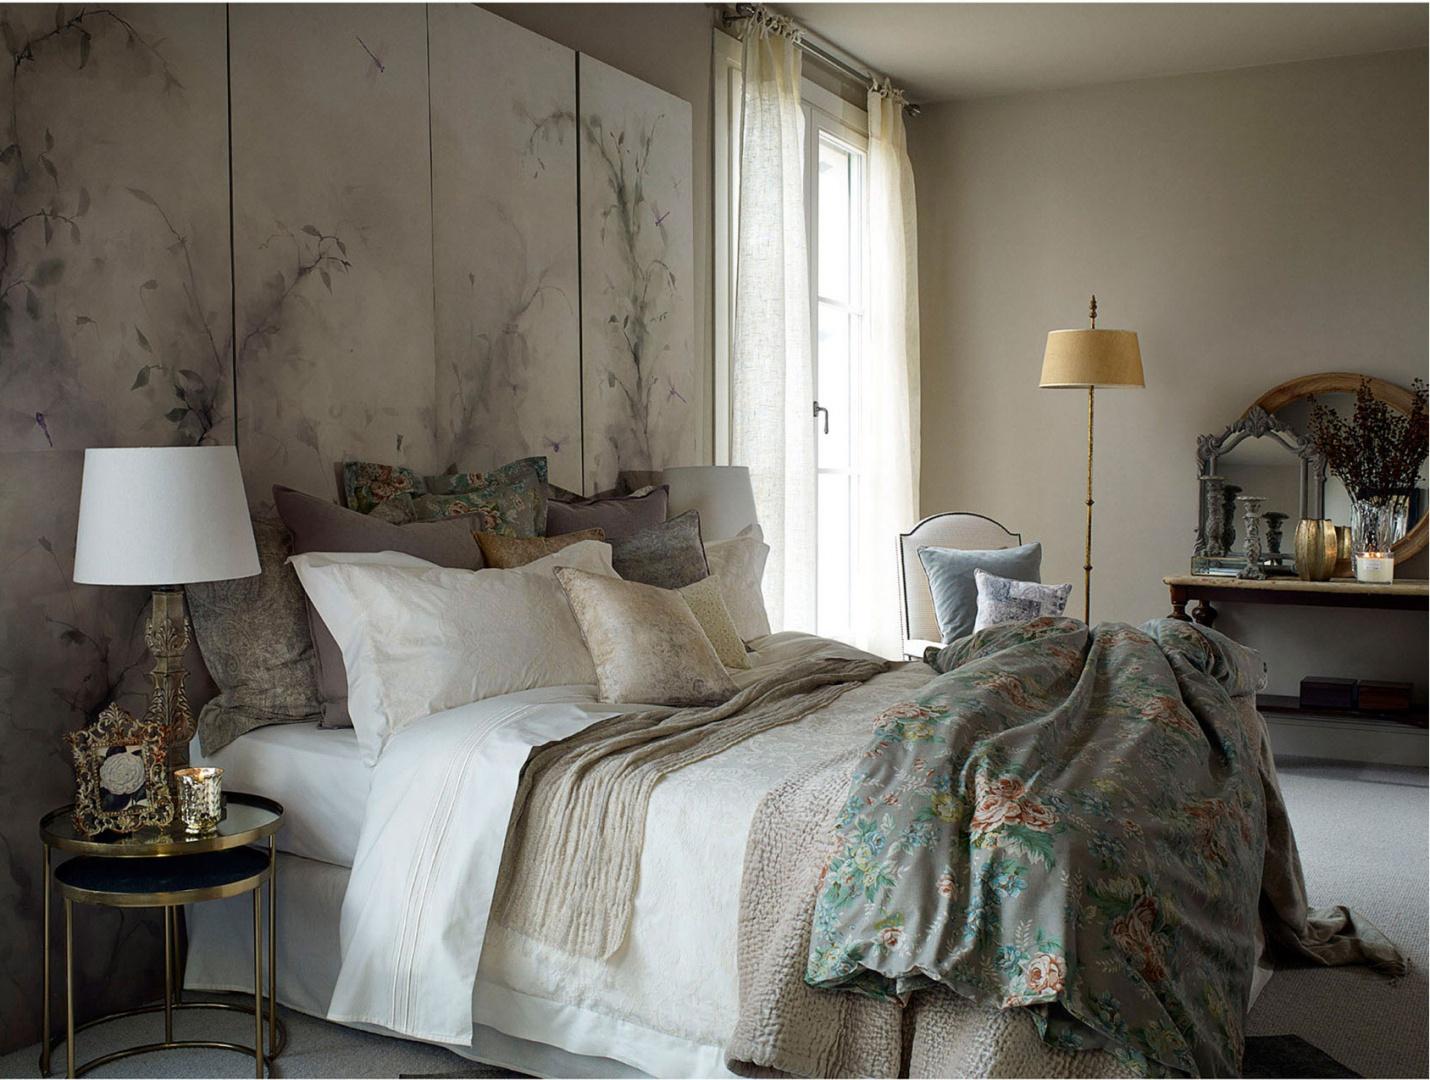 Firany i zas ony pi kne dekoracje okna w sypialni galeria - Home decoration online shopping collection ...